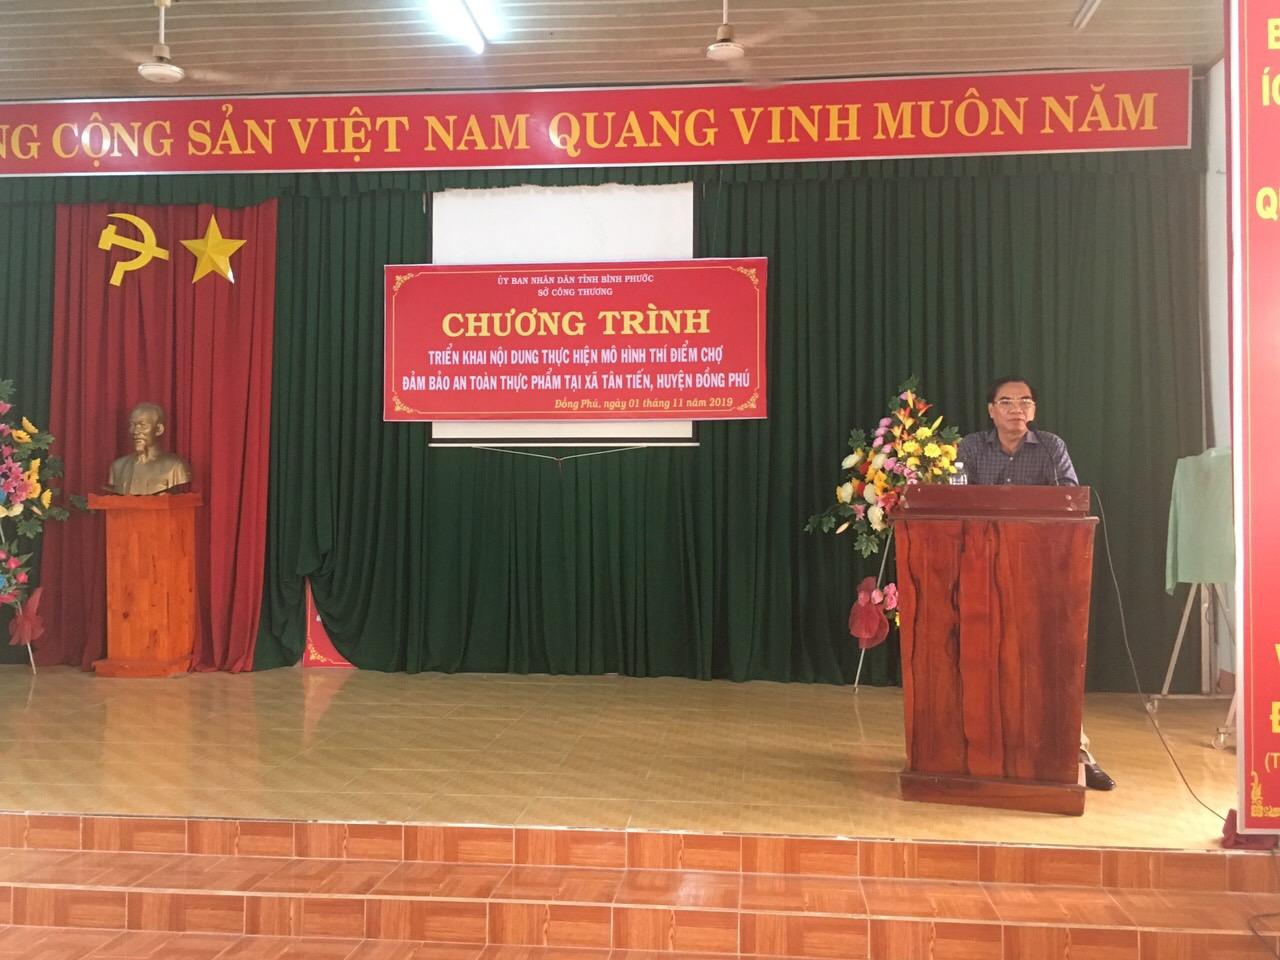 Ông Nguyễn Văn Hiếu - PGĐ Sở Công Thương phát biểu tại Chương trình